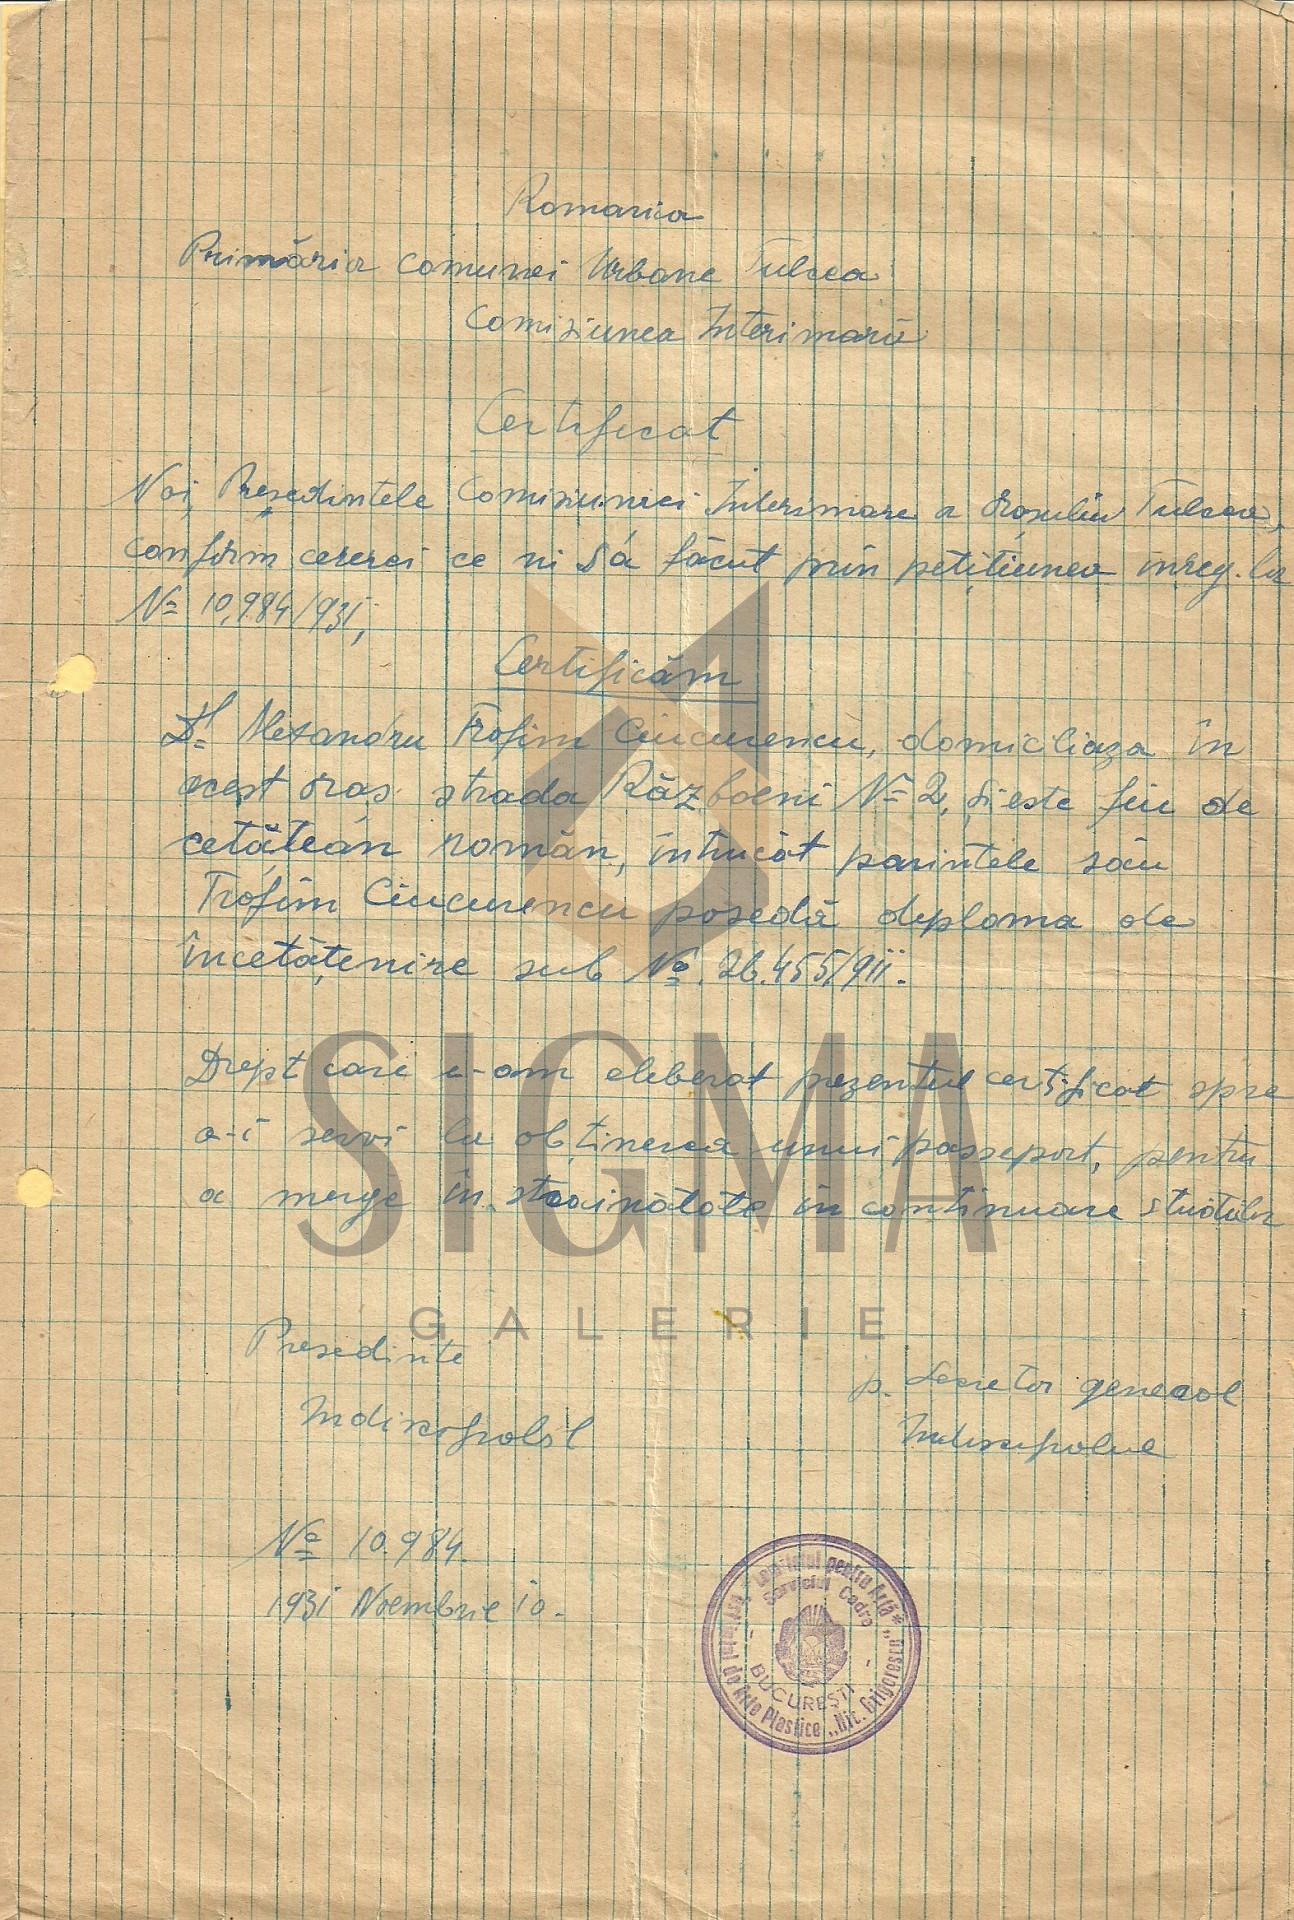 ALEXANDRU CIUCURENCU, CERTIFICAT ELIBERAT DE PRIMARIA COMUNEI TULCEA IN OBTINEREA PASAPORTULUI, 1931